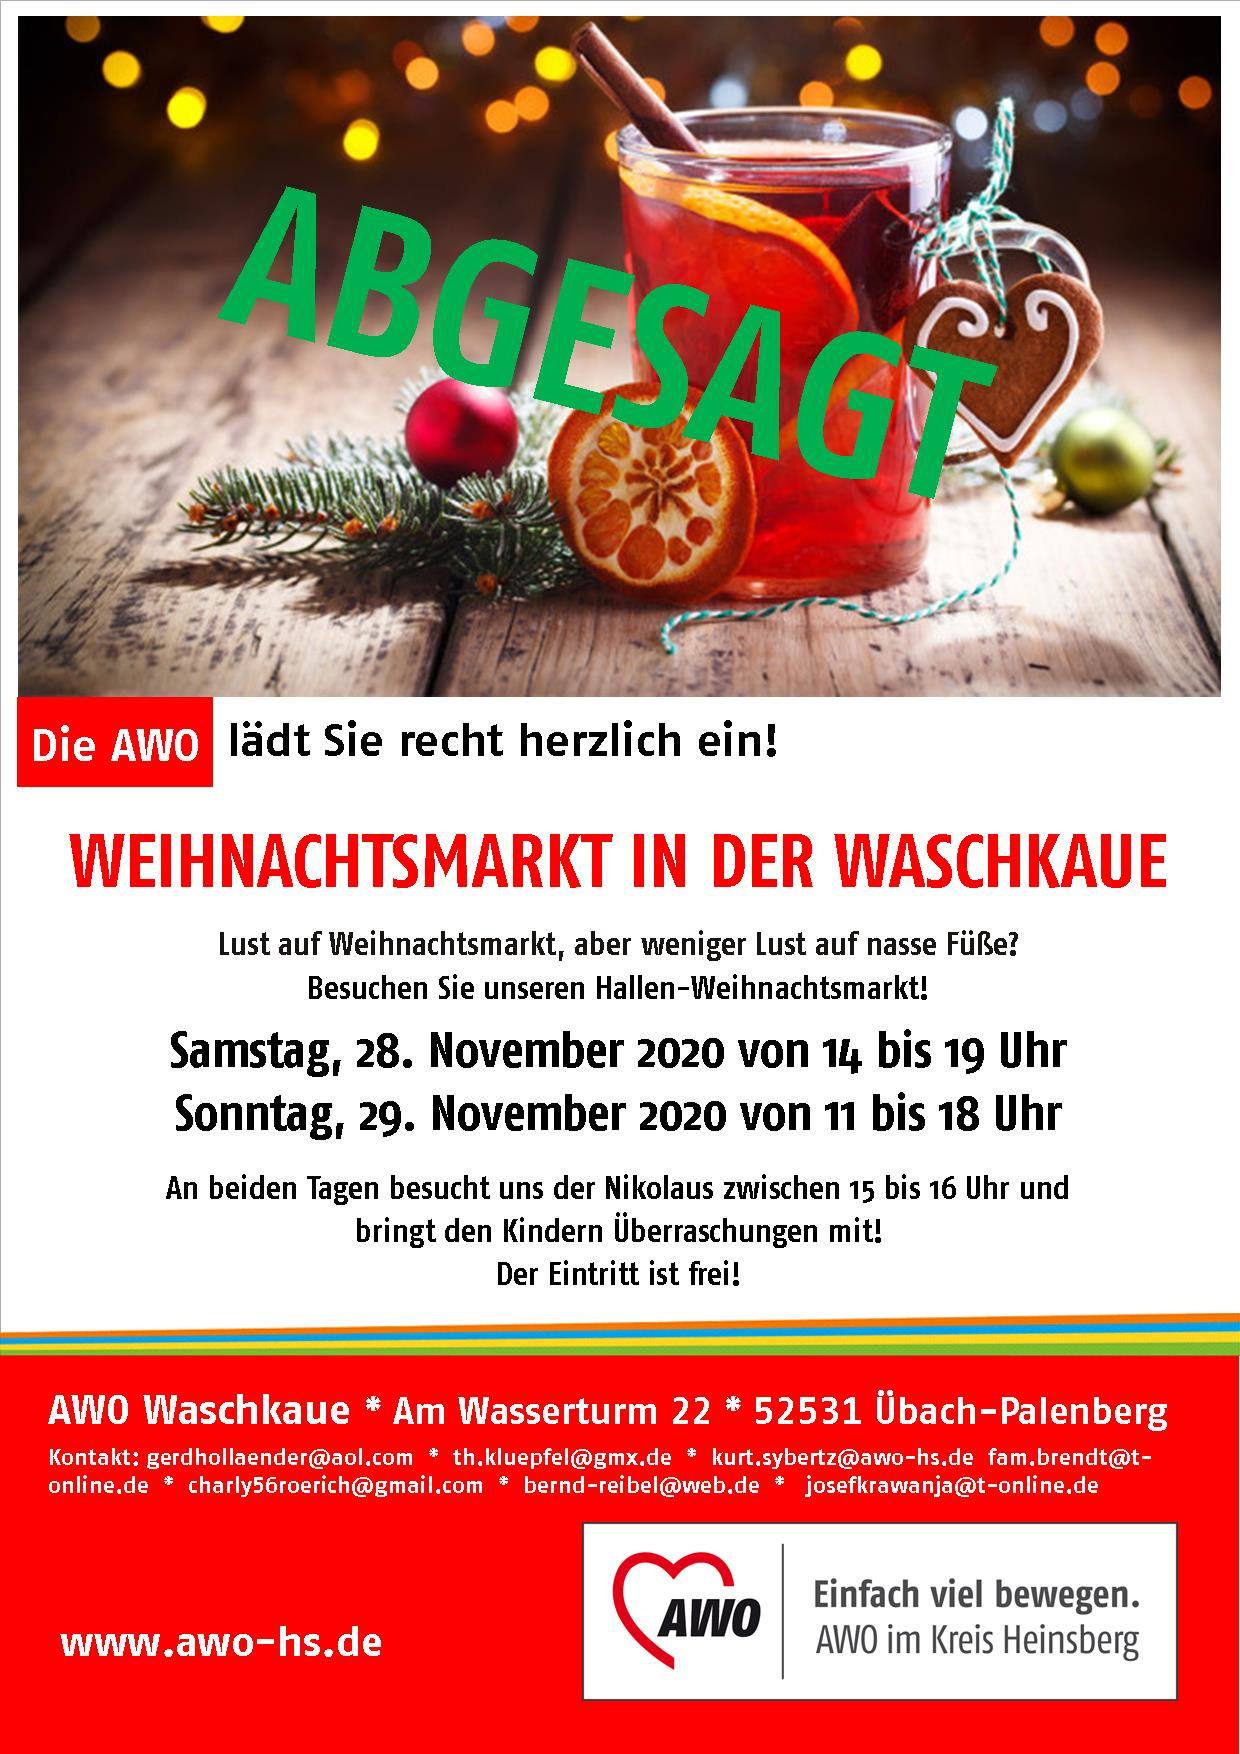 Der AWO-Weihnachtsmarkt 2020 in der Waschkaue (Übach-Palenberg) wird abgesagt 1